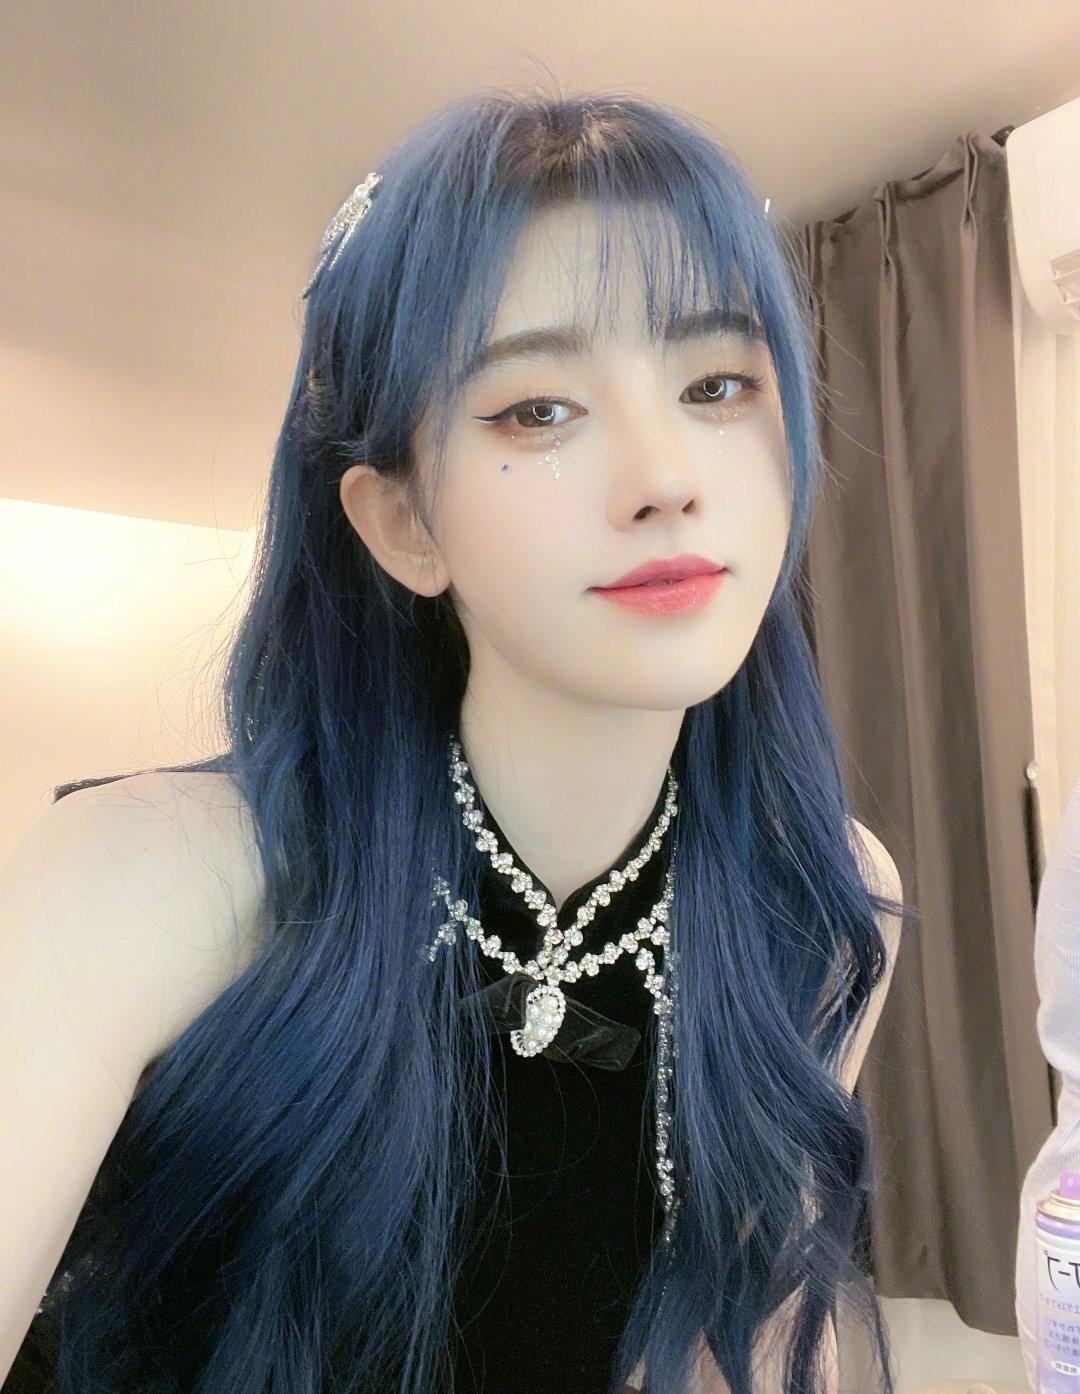 鞠婧祎本性实足的蓝发外型,新粉看了都夸冷艳